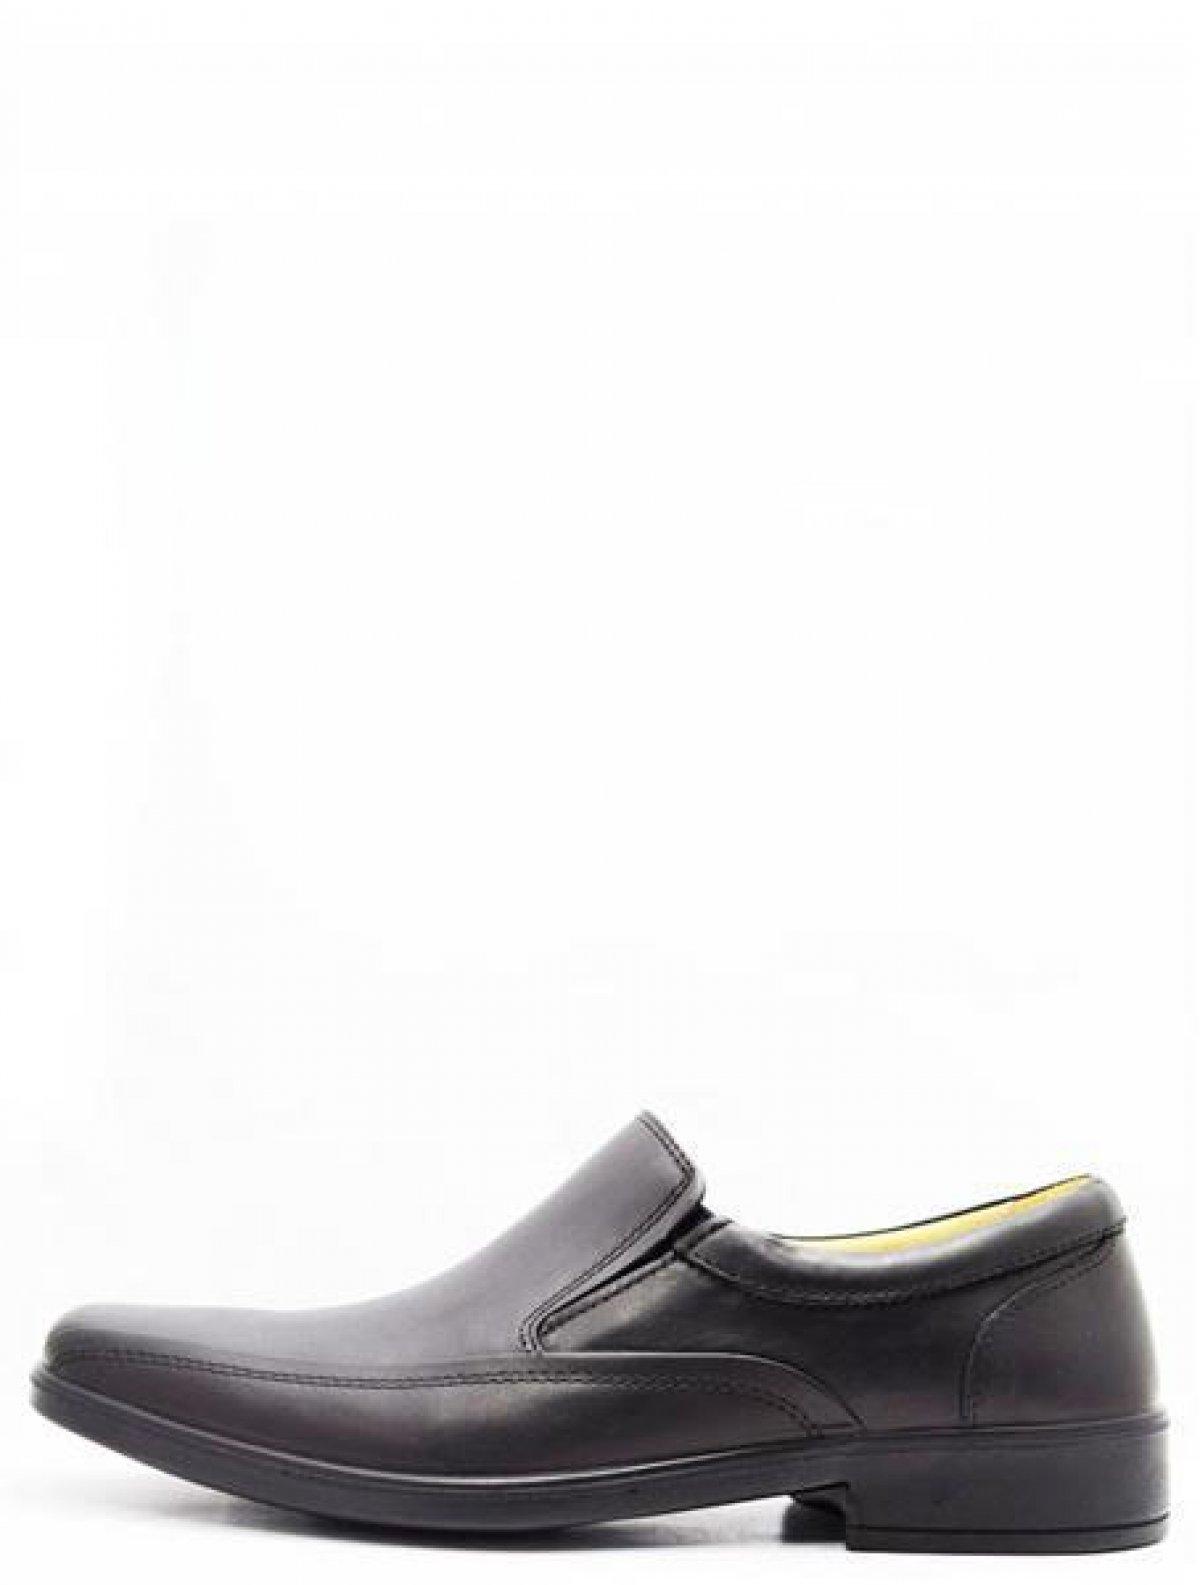 22084-1 туфли мужские